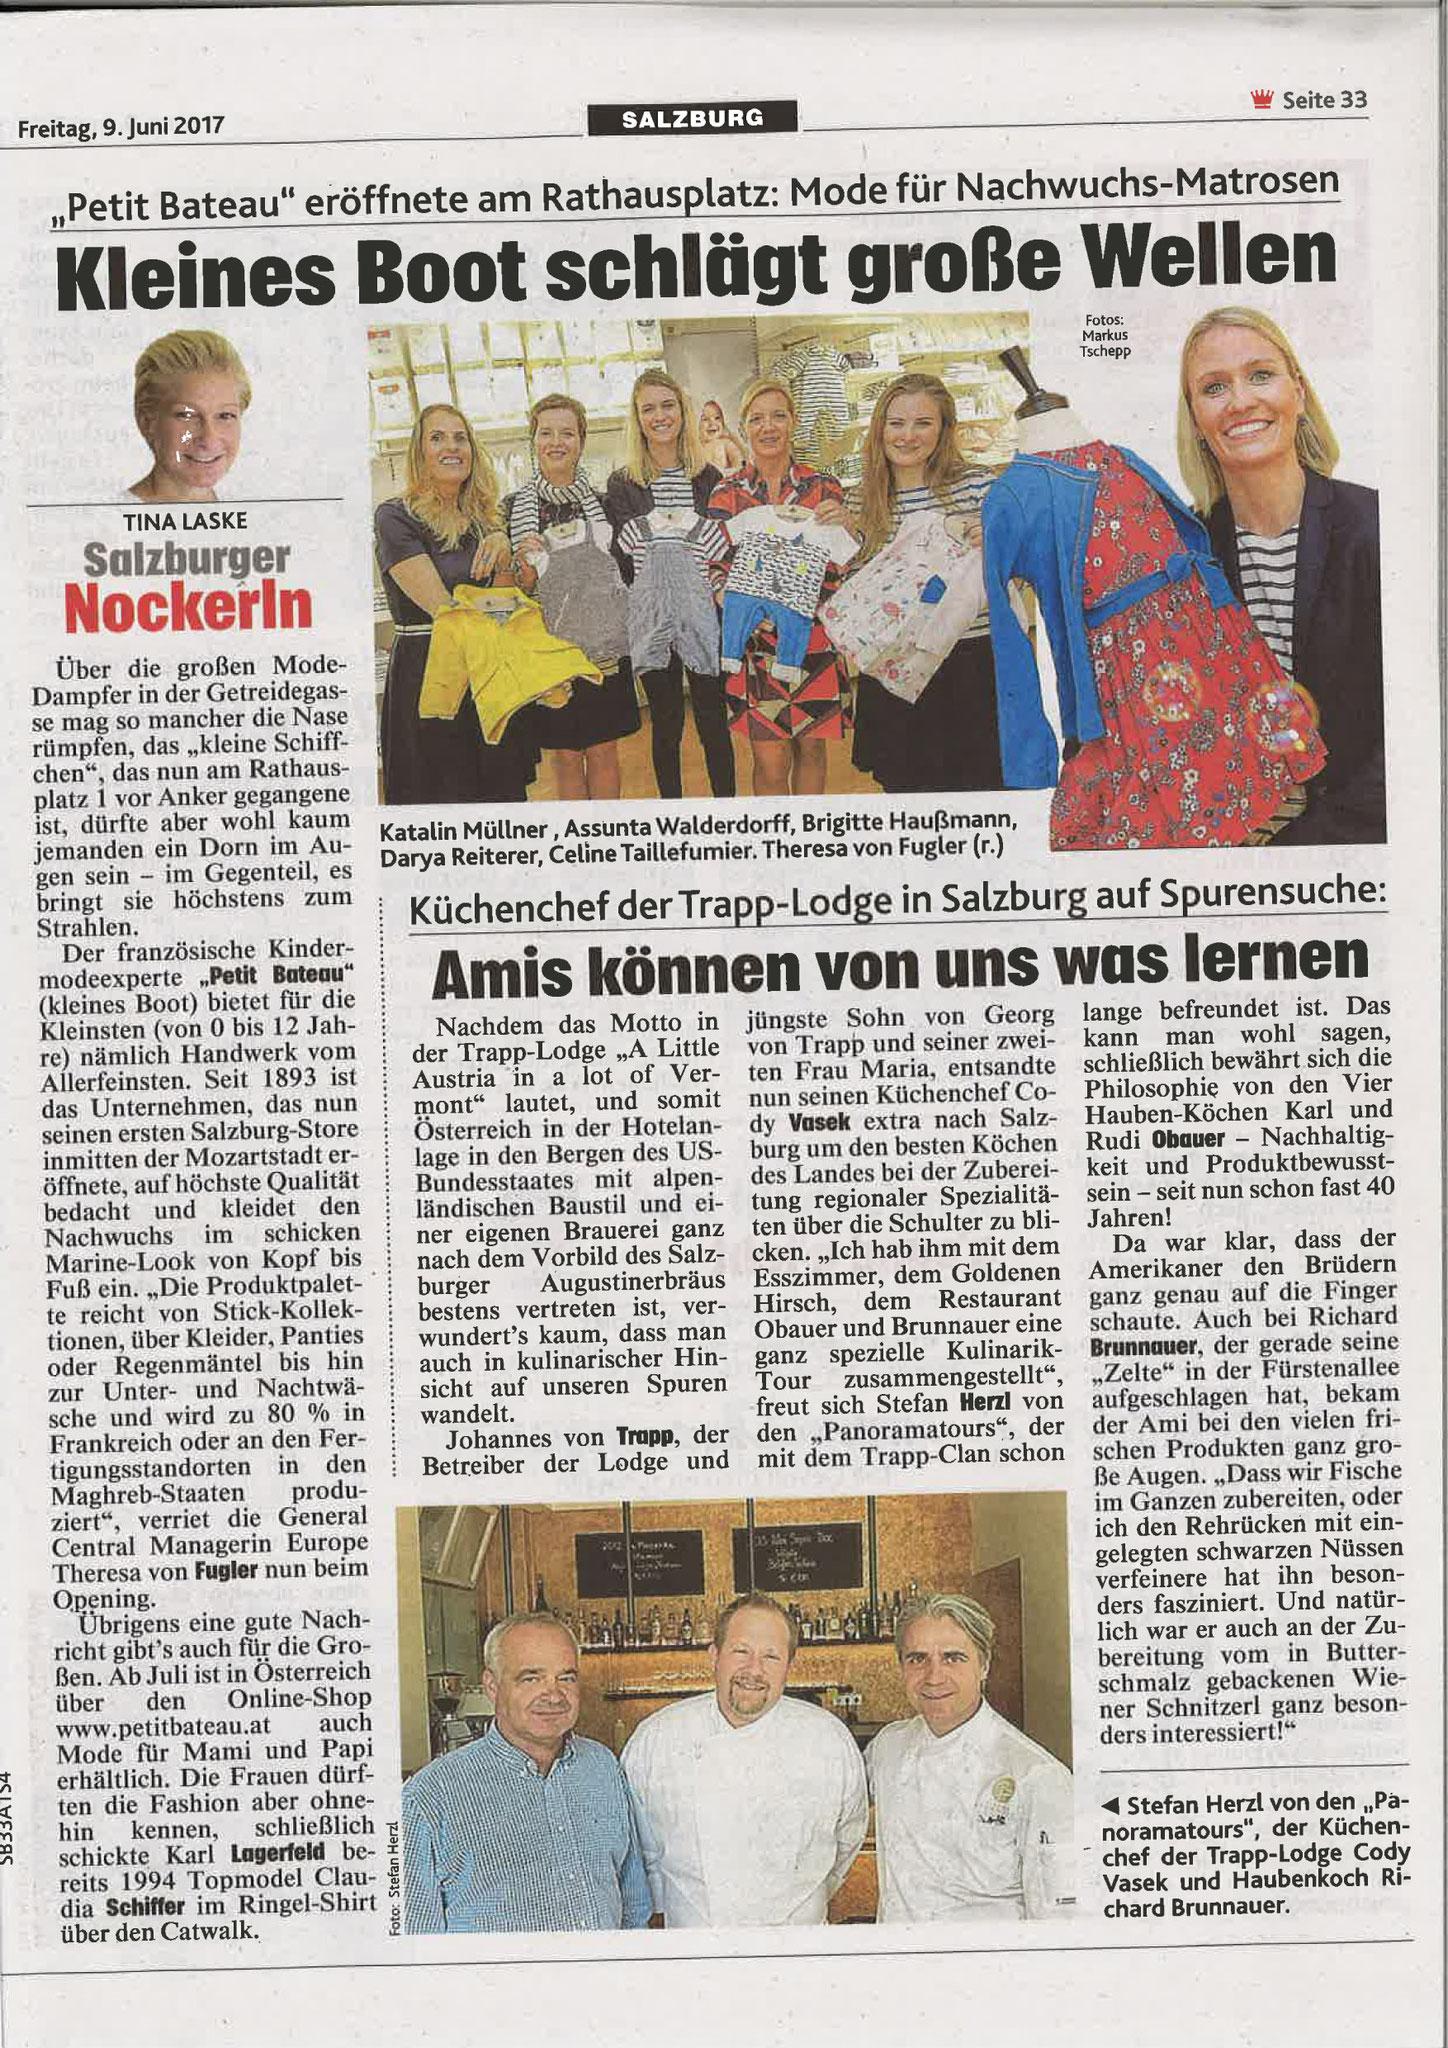 Kronen Zeitung Salzburg, 9. Juni 2017